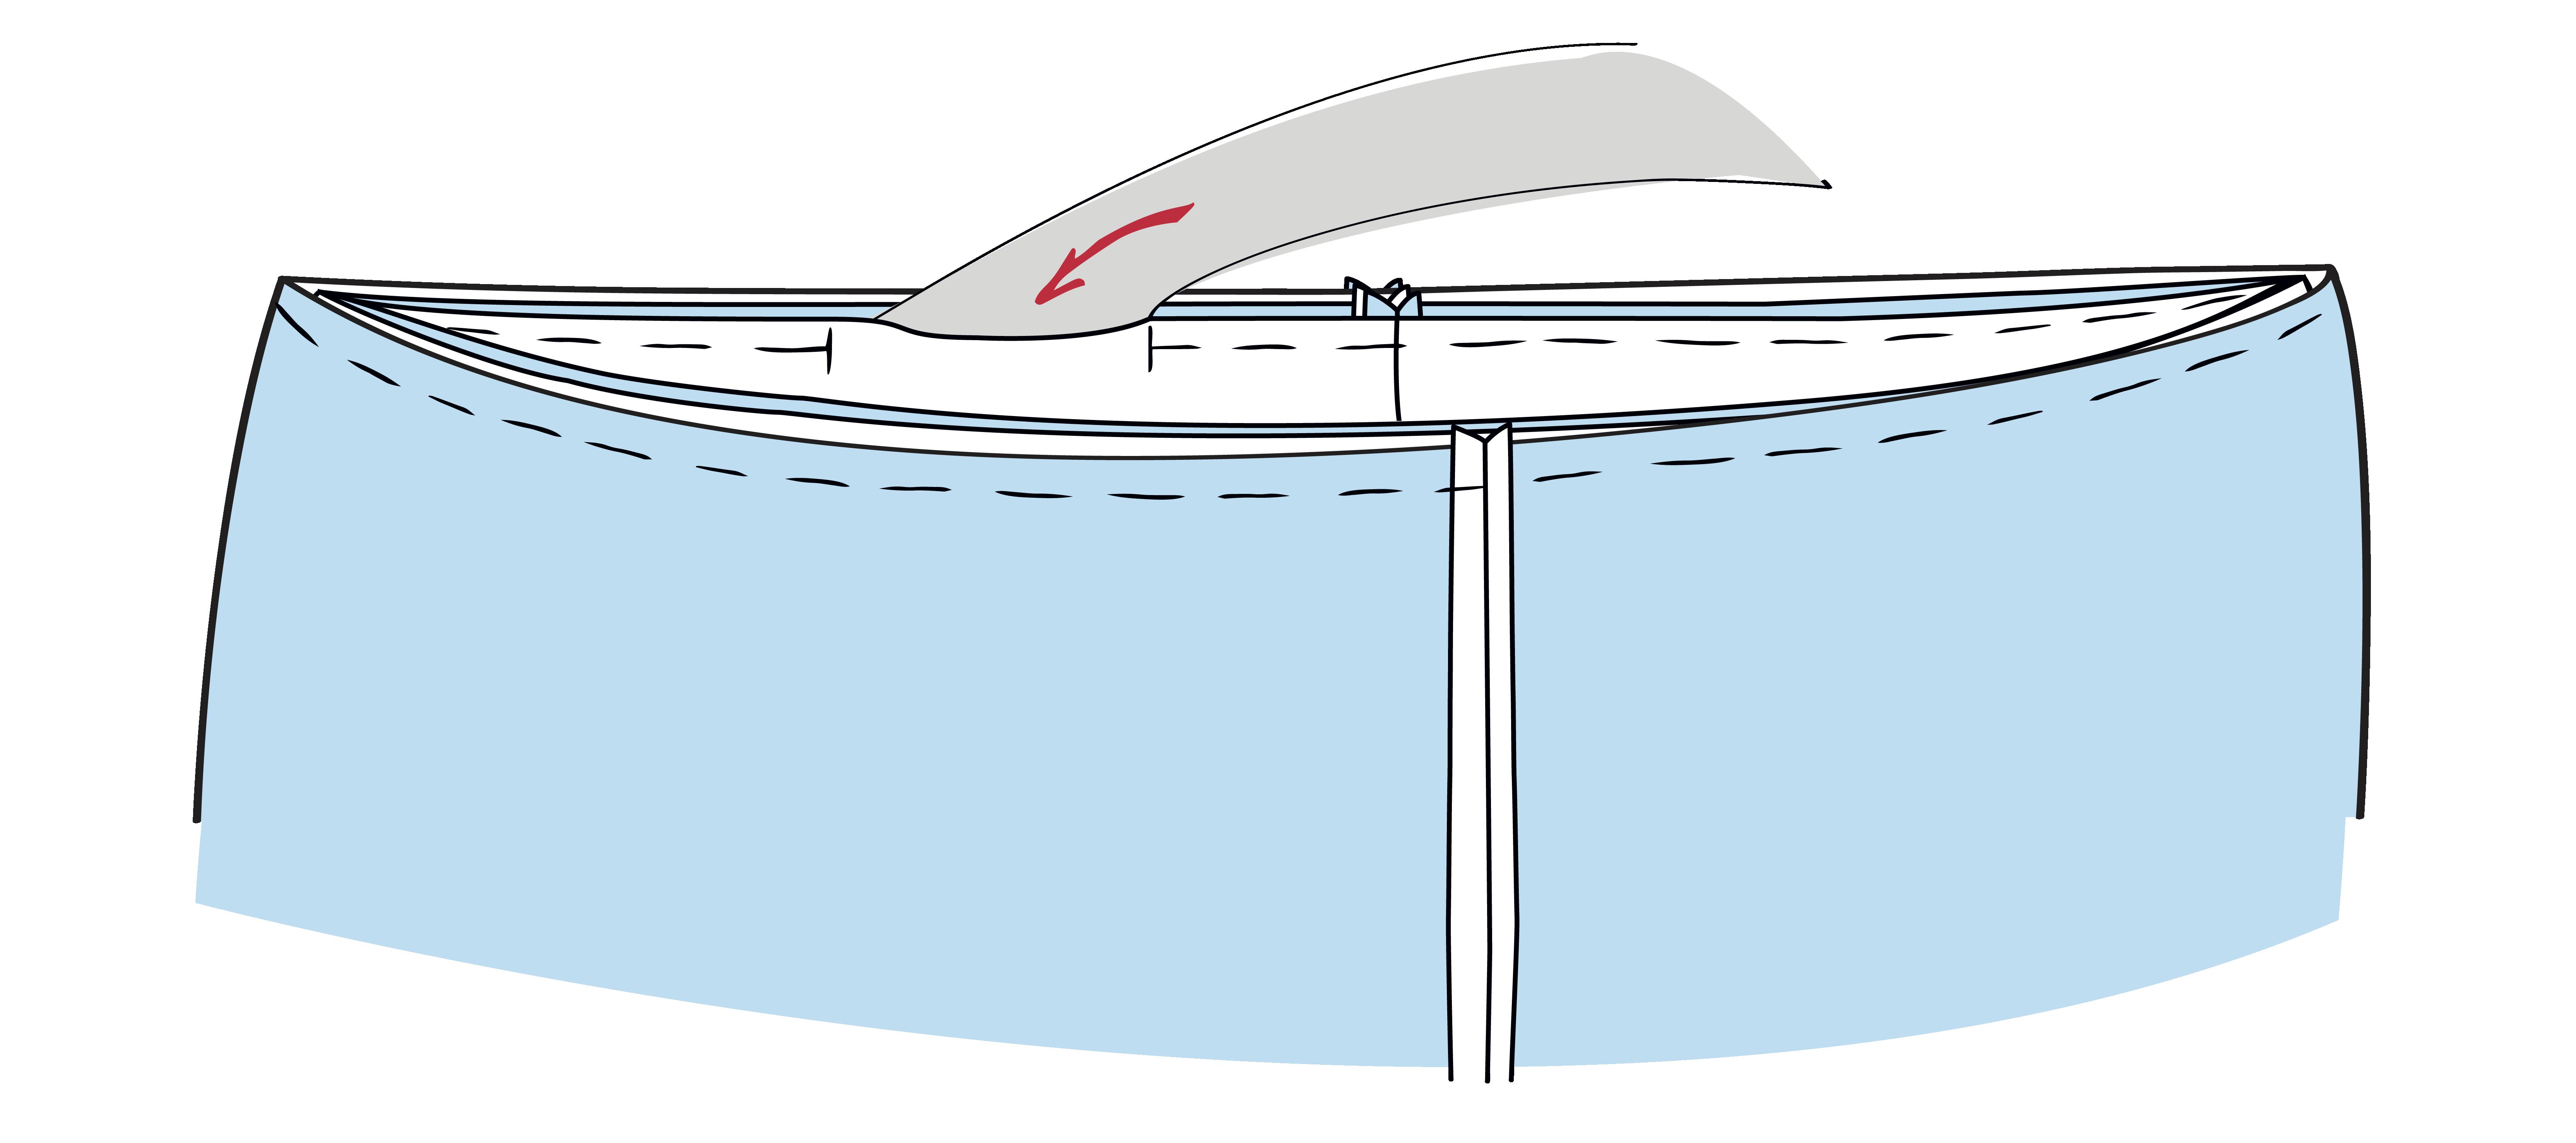 Das Gummiband wird mit Hilfe einer Sicherheitsnadel durch den Bund geschoben.